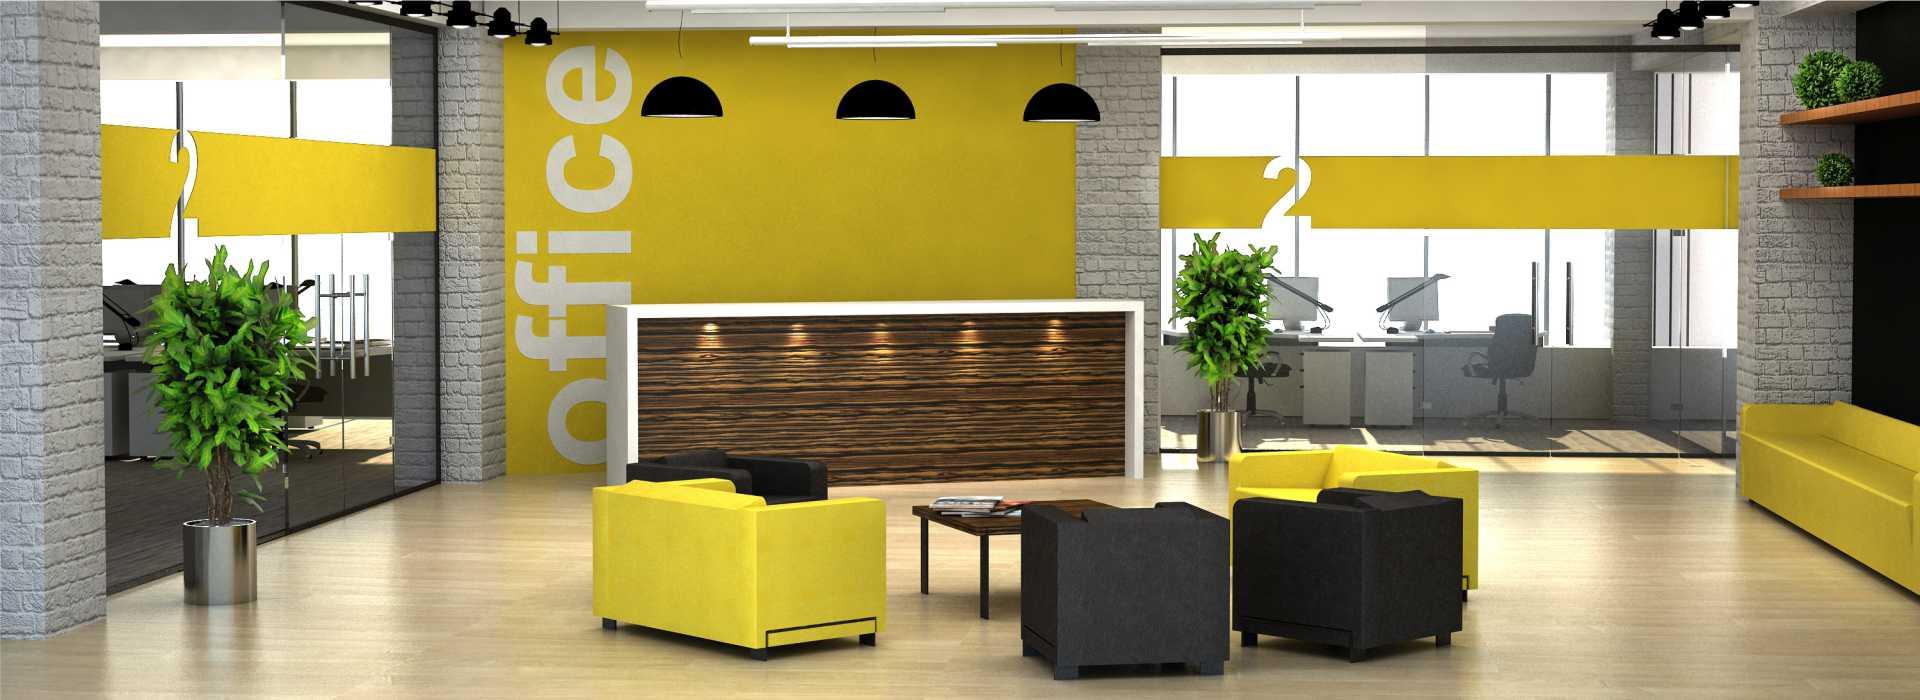 b1300-LP-enquire-virtual-office-100221